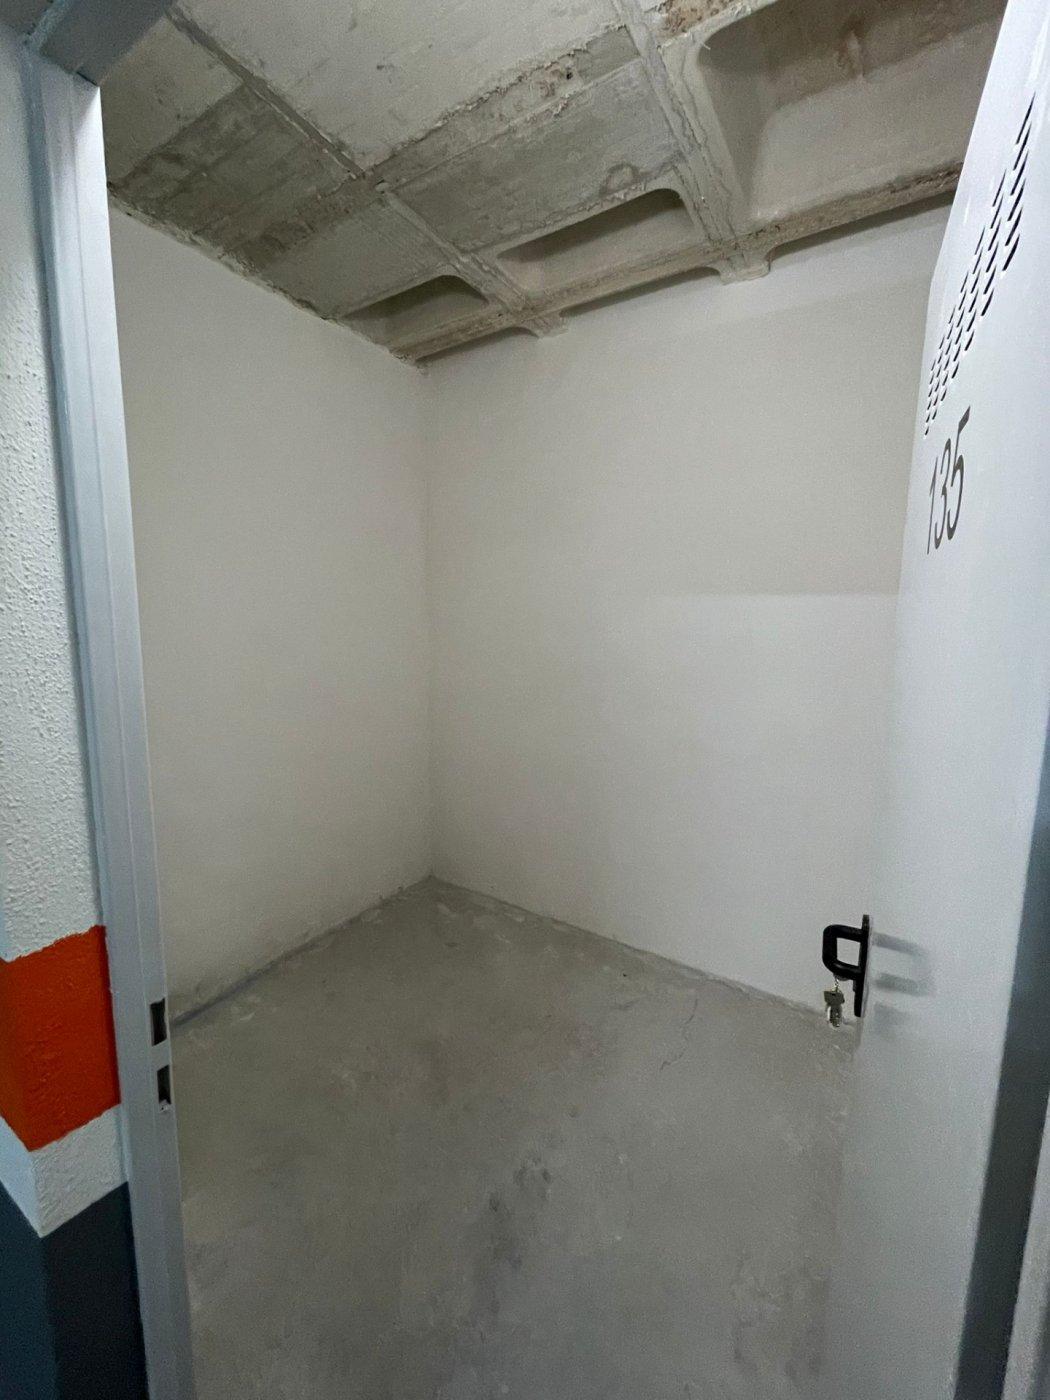 Urbanización, vvda en alquiler amueblada con garaje y trastero. 5 min. playa - imagenInmueble23